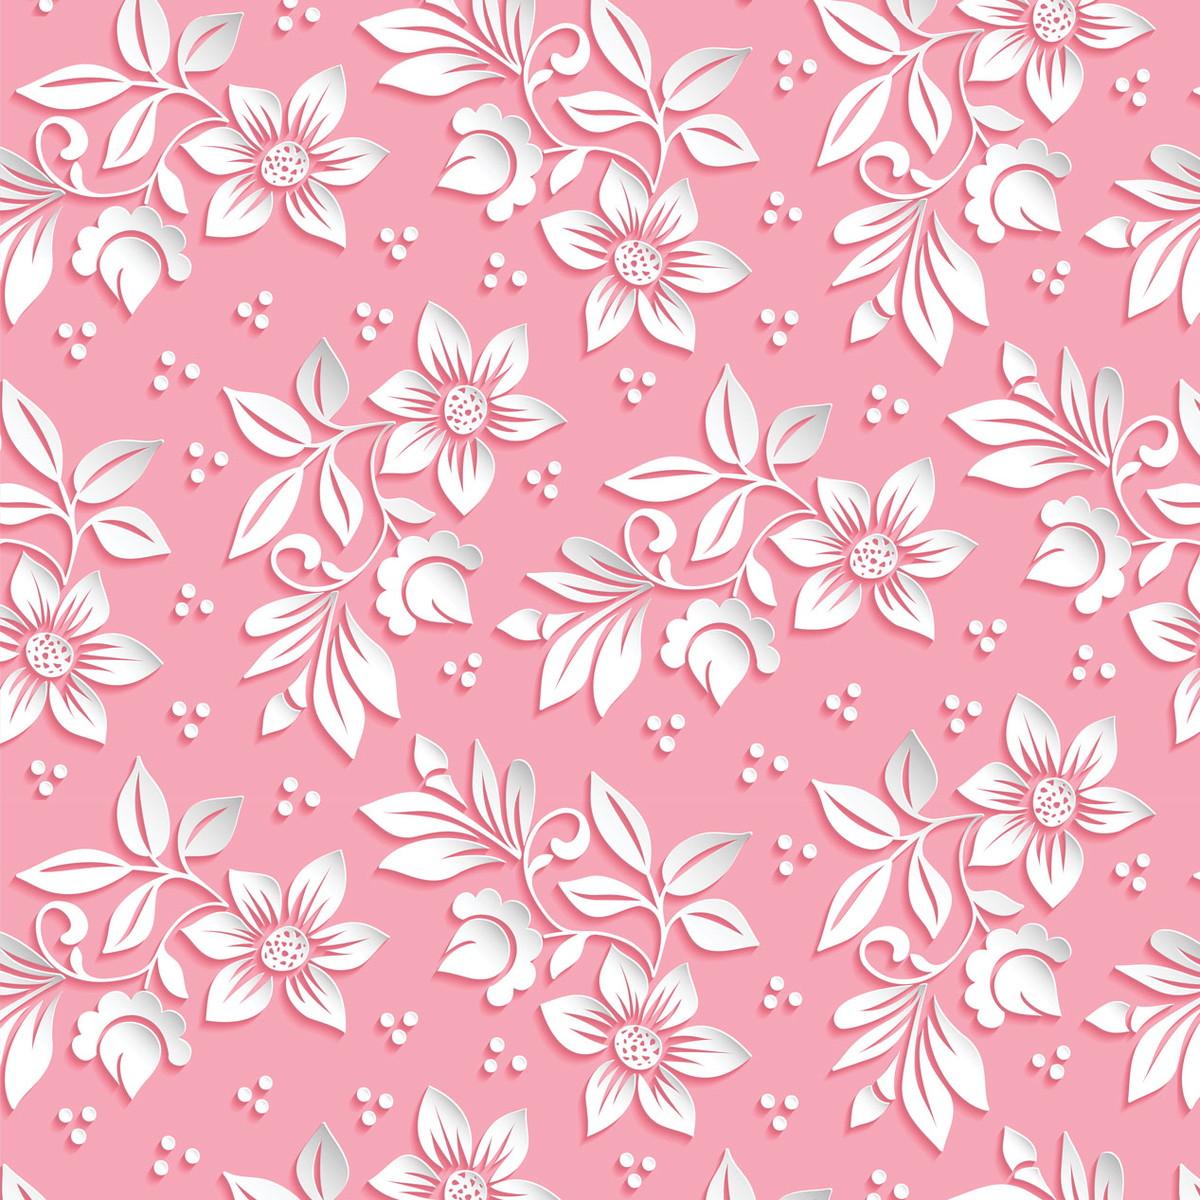 Papel de parede floral em 3d fundo rosa no elo7 - Papel decorado para paredes ...